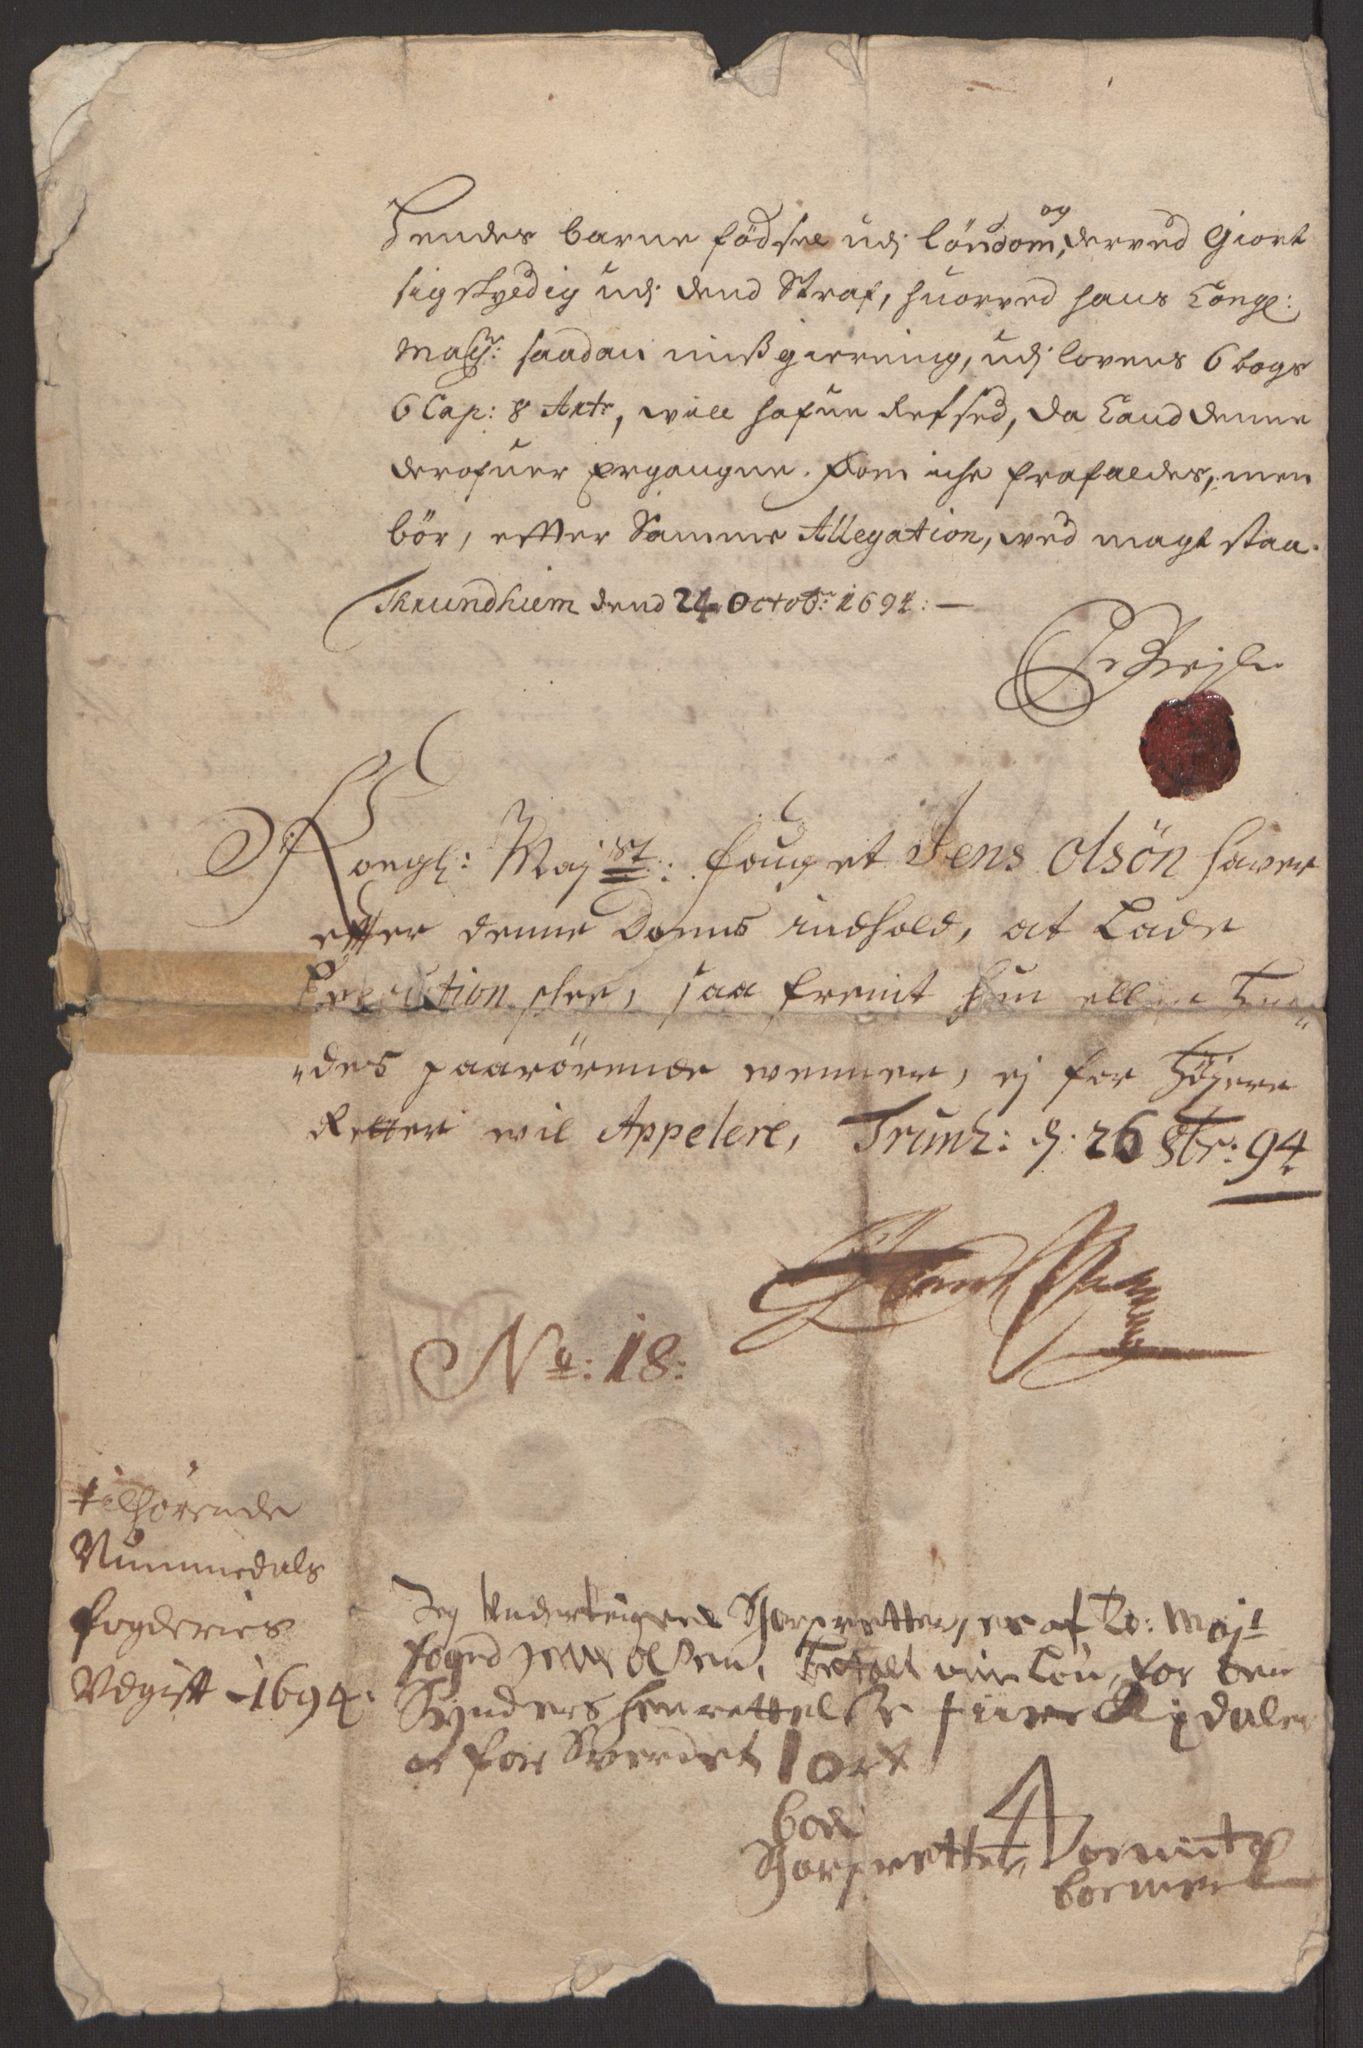 RA, Rentekammeret inntil 1814, Reviderte regnskaper, Fogderegnskap, R64/L4424: Fogderegnskap Namdal, 1692-1695, s. 449